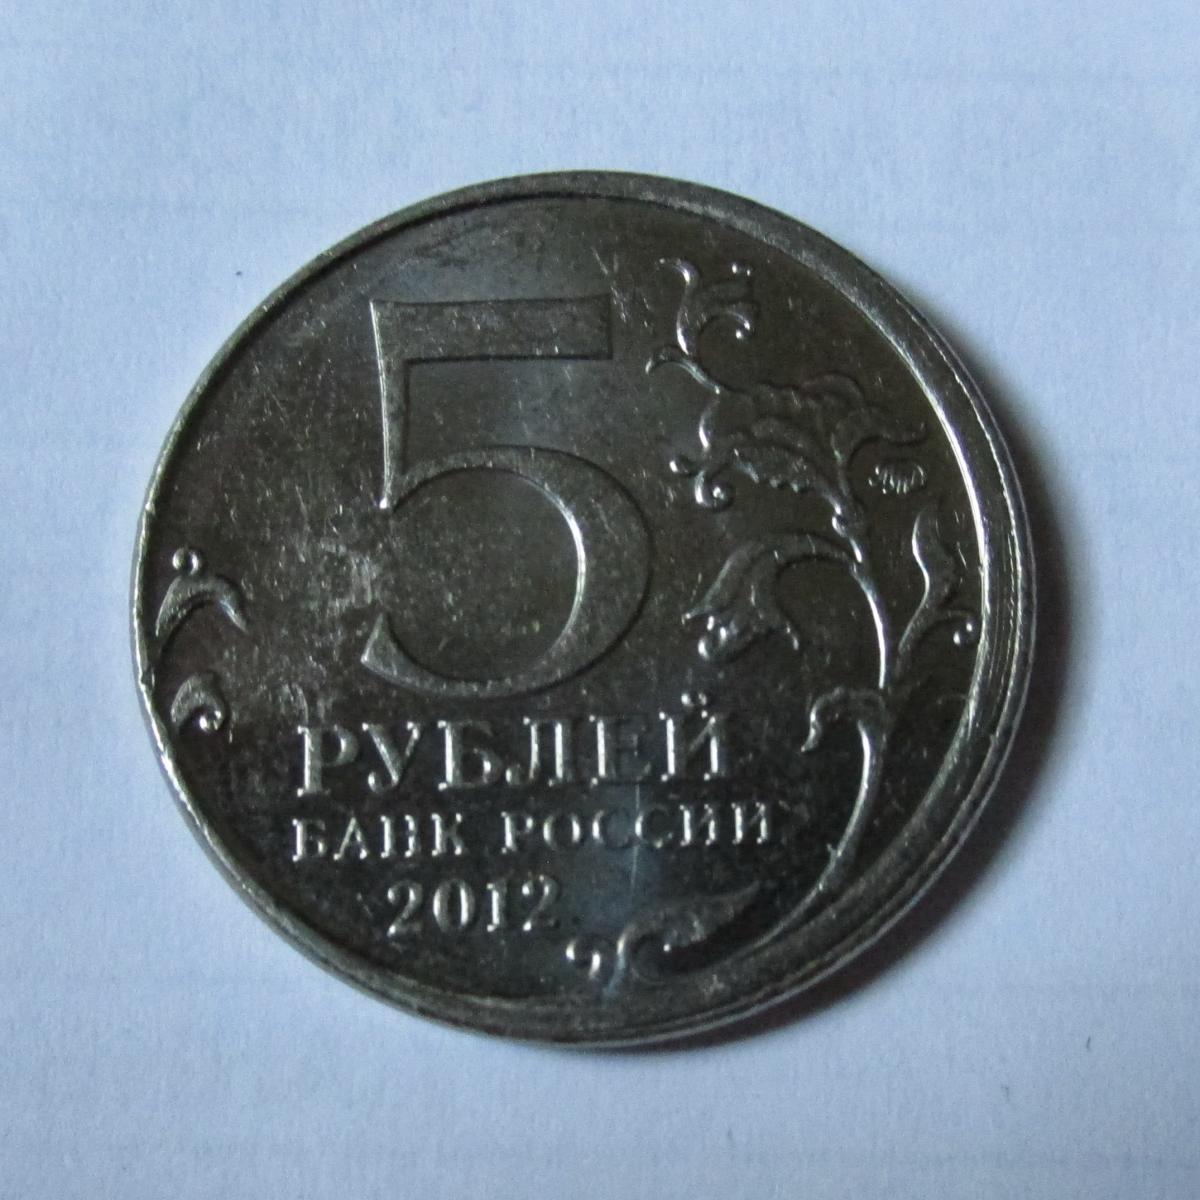 5 рублей 2012 г. ММД.